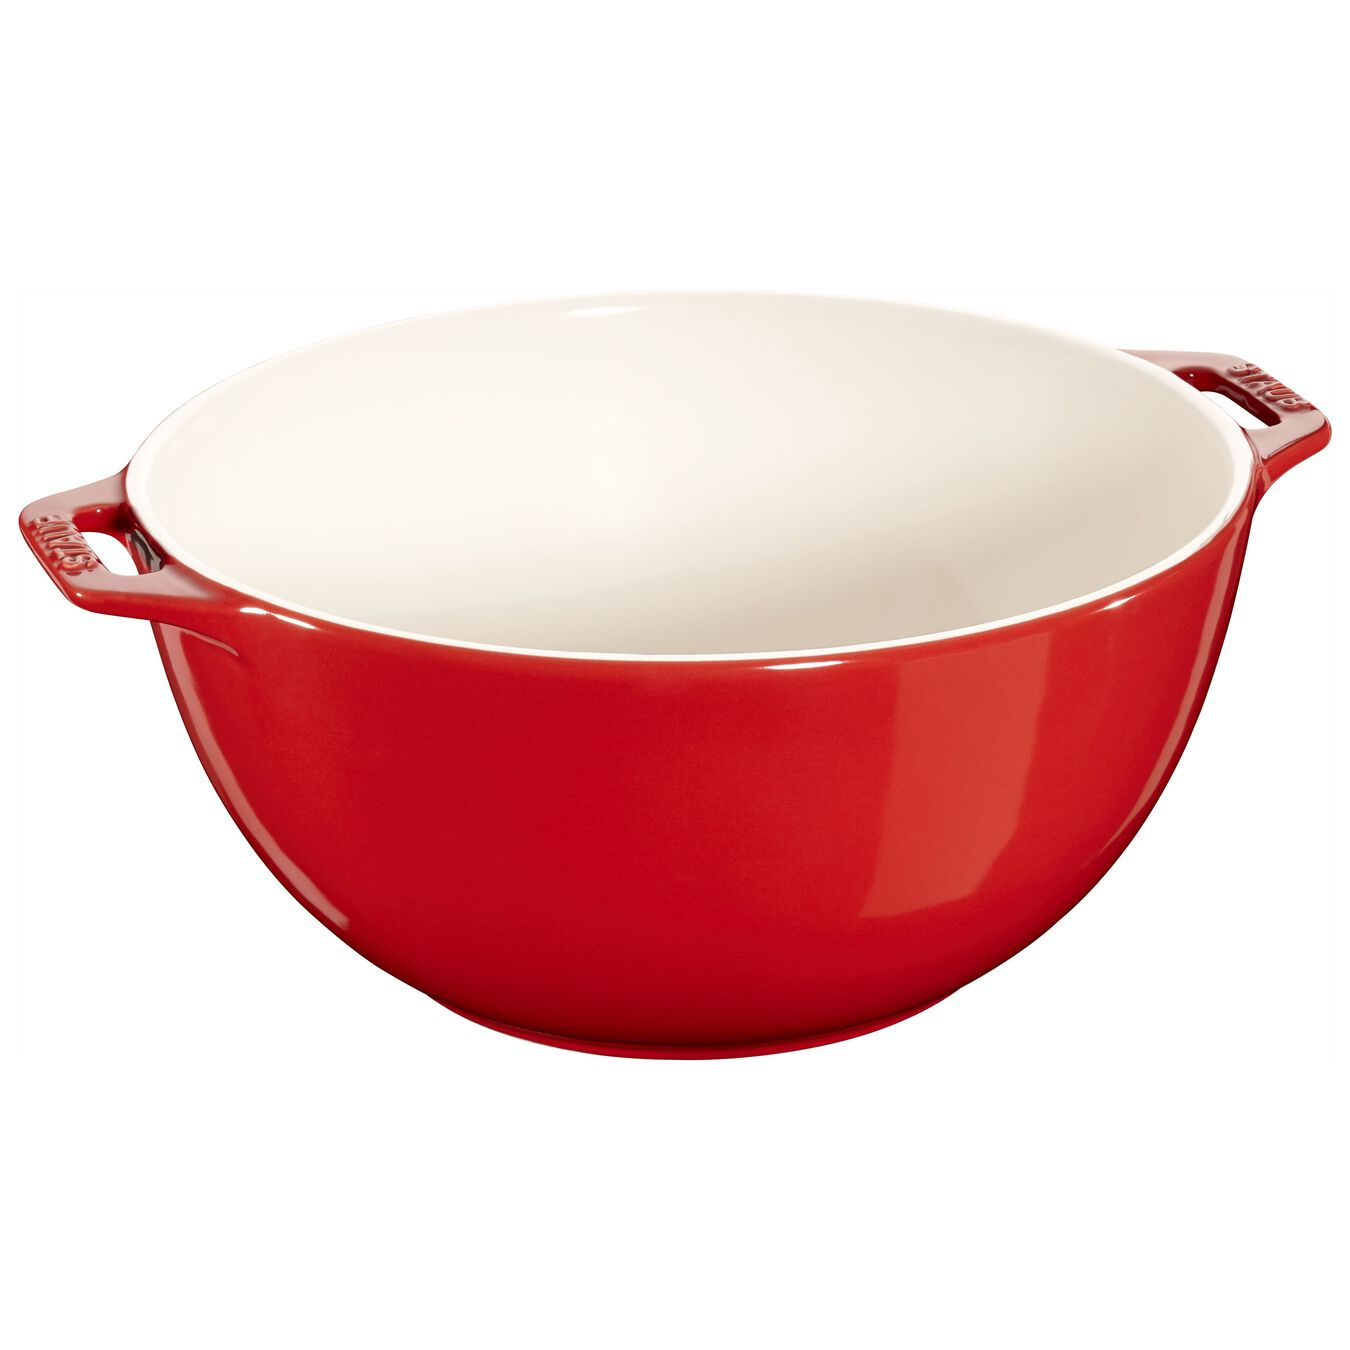 Bowl 25 cm, Cerâmica, Vermelho cereja,,large 1